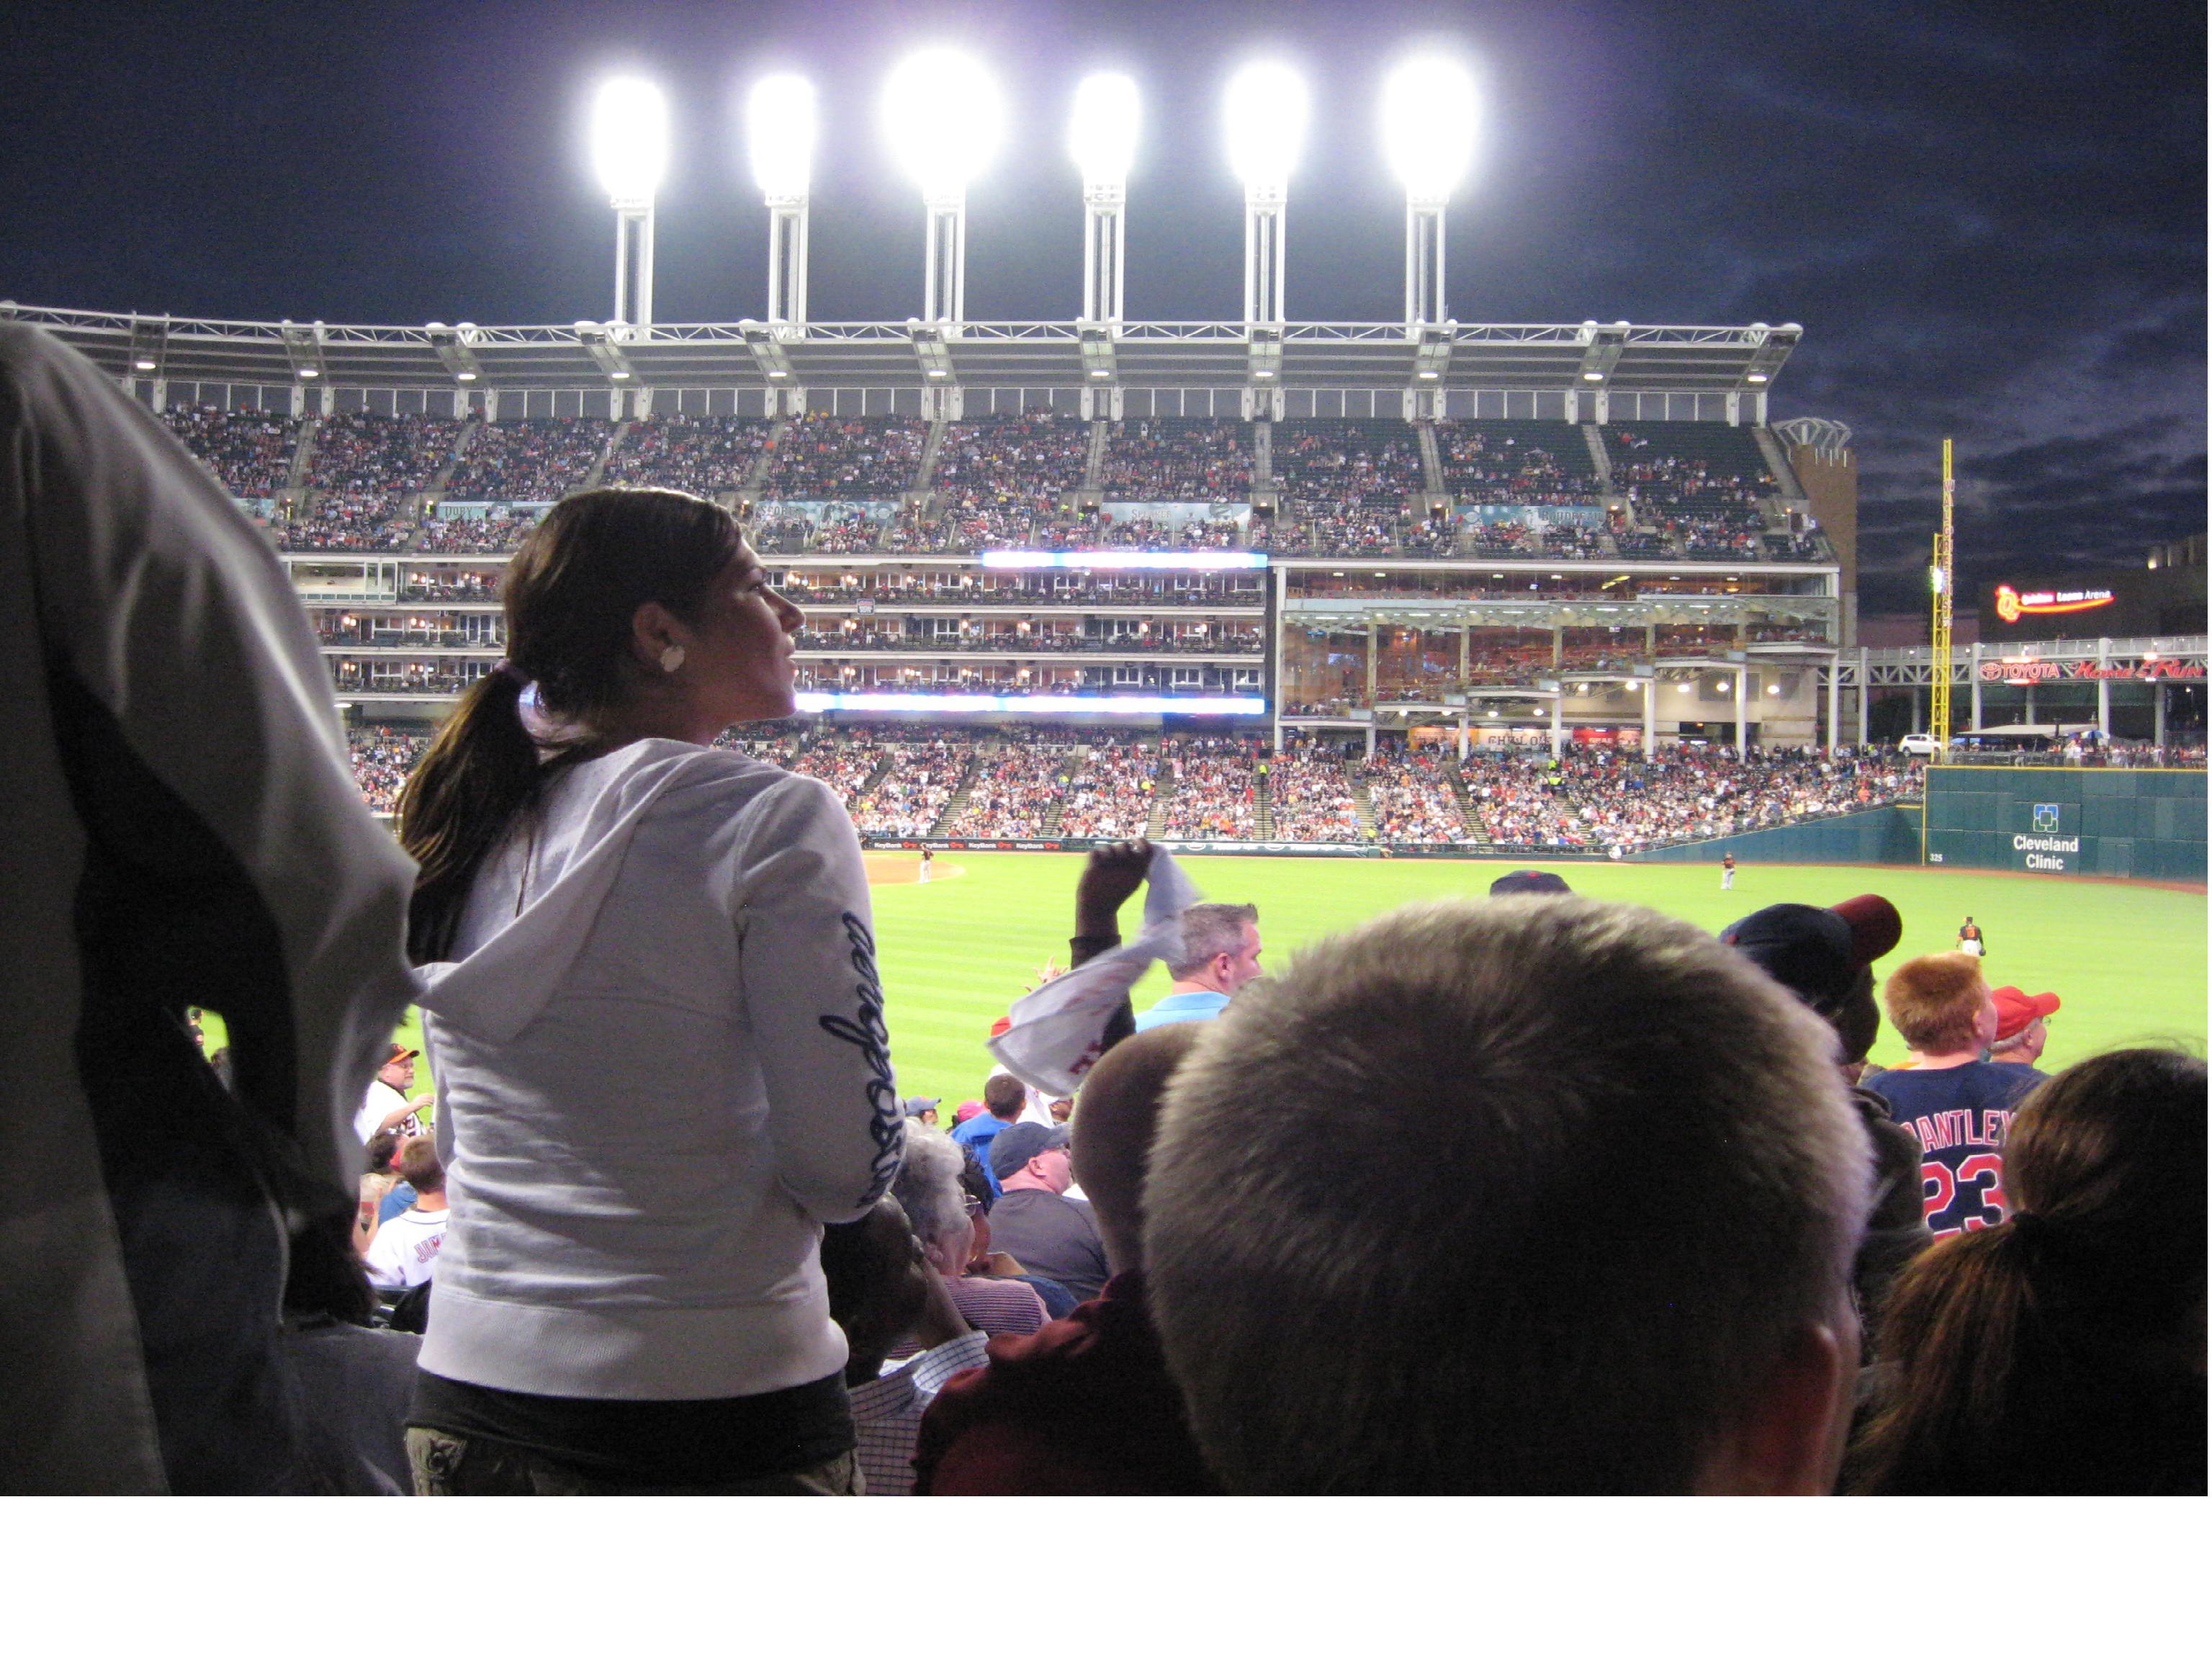 Fans cheer at Progressive Field